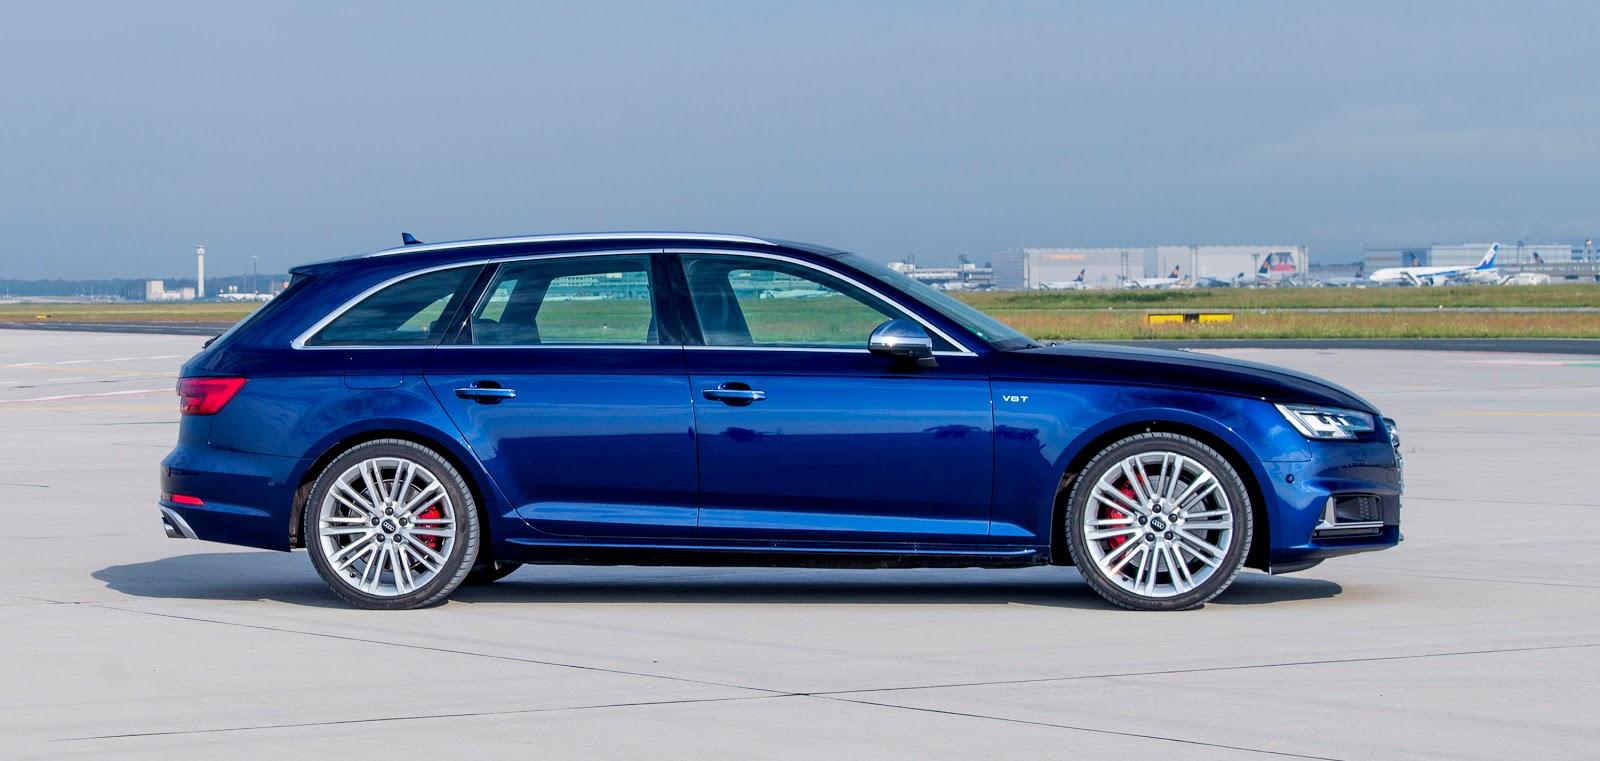 Chiếc hatchback quá sang trọng, đậm chất Audi